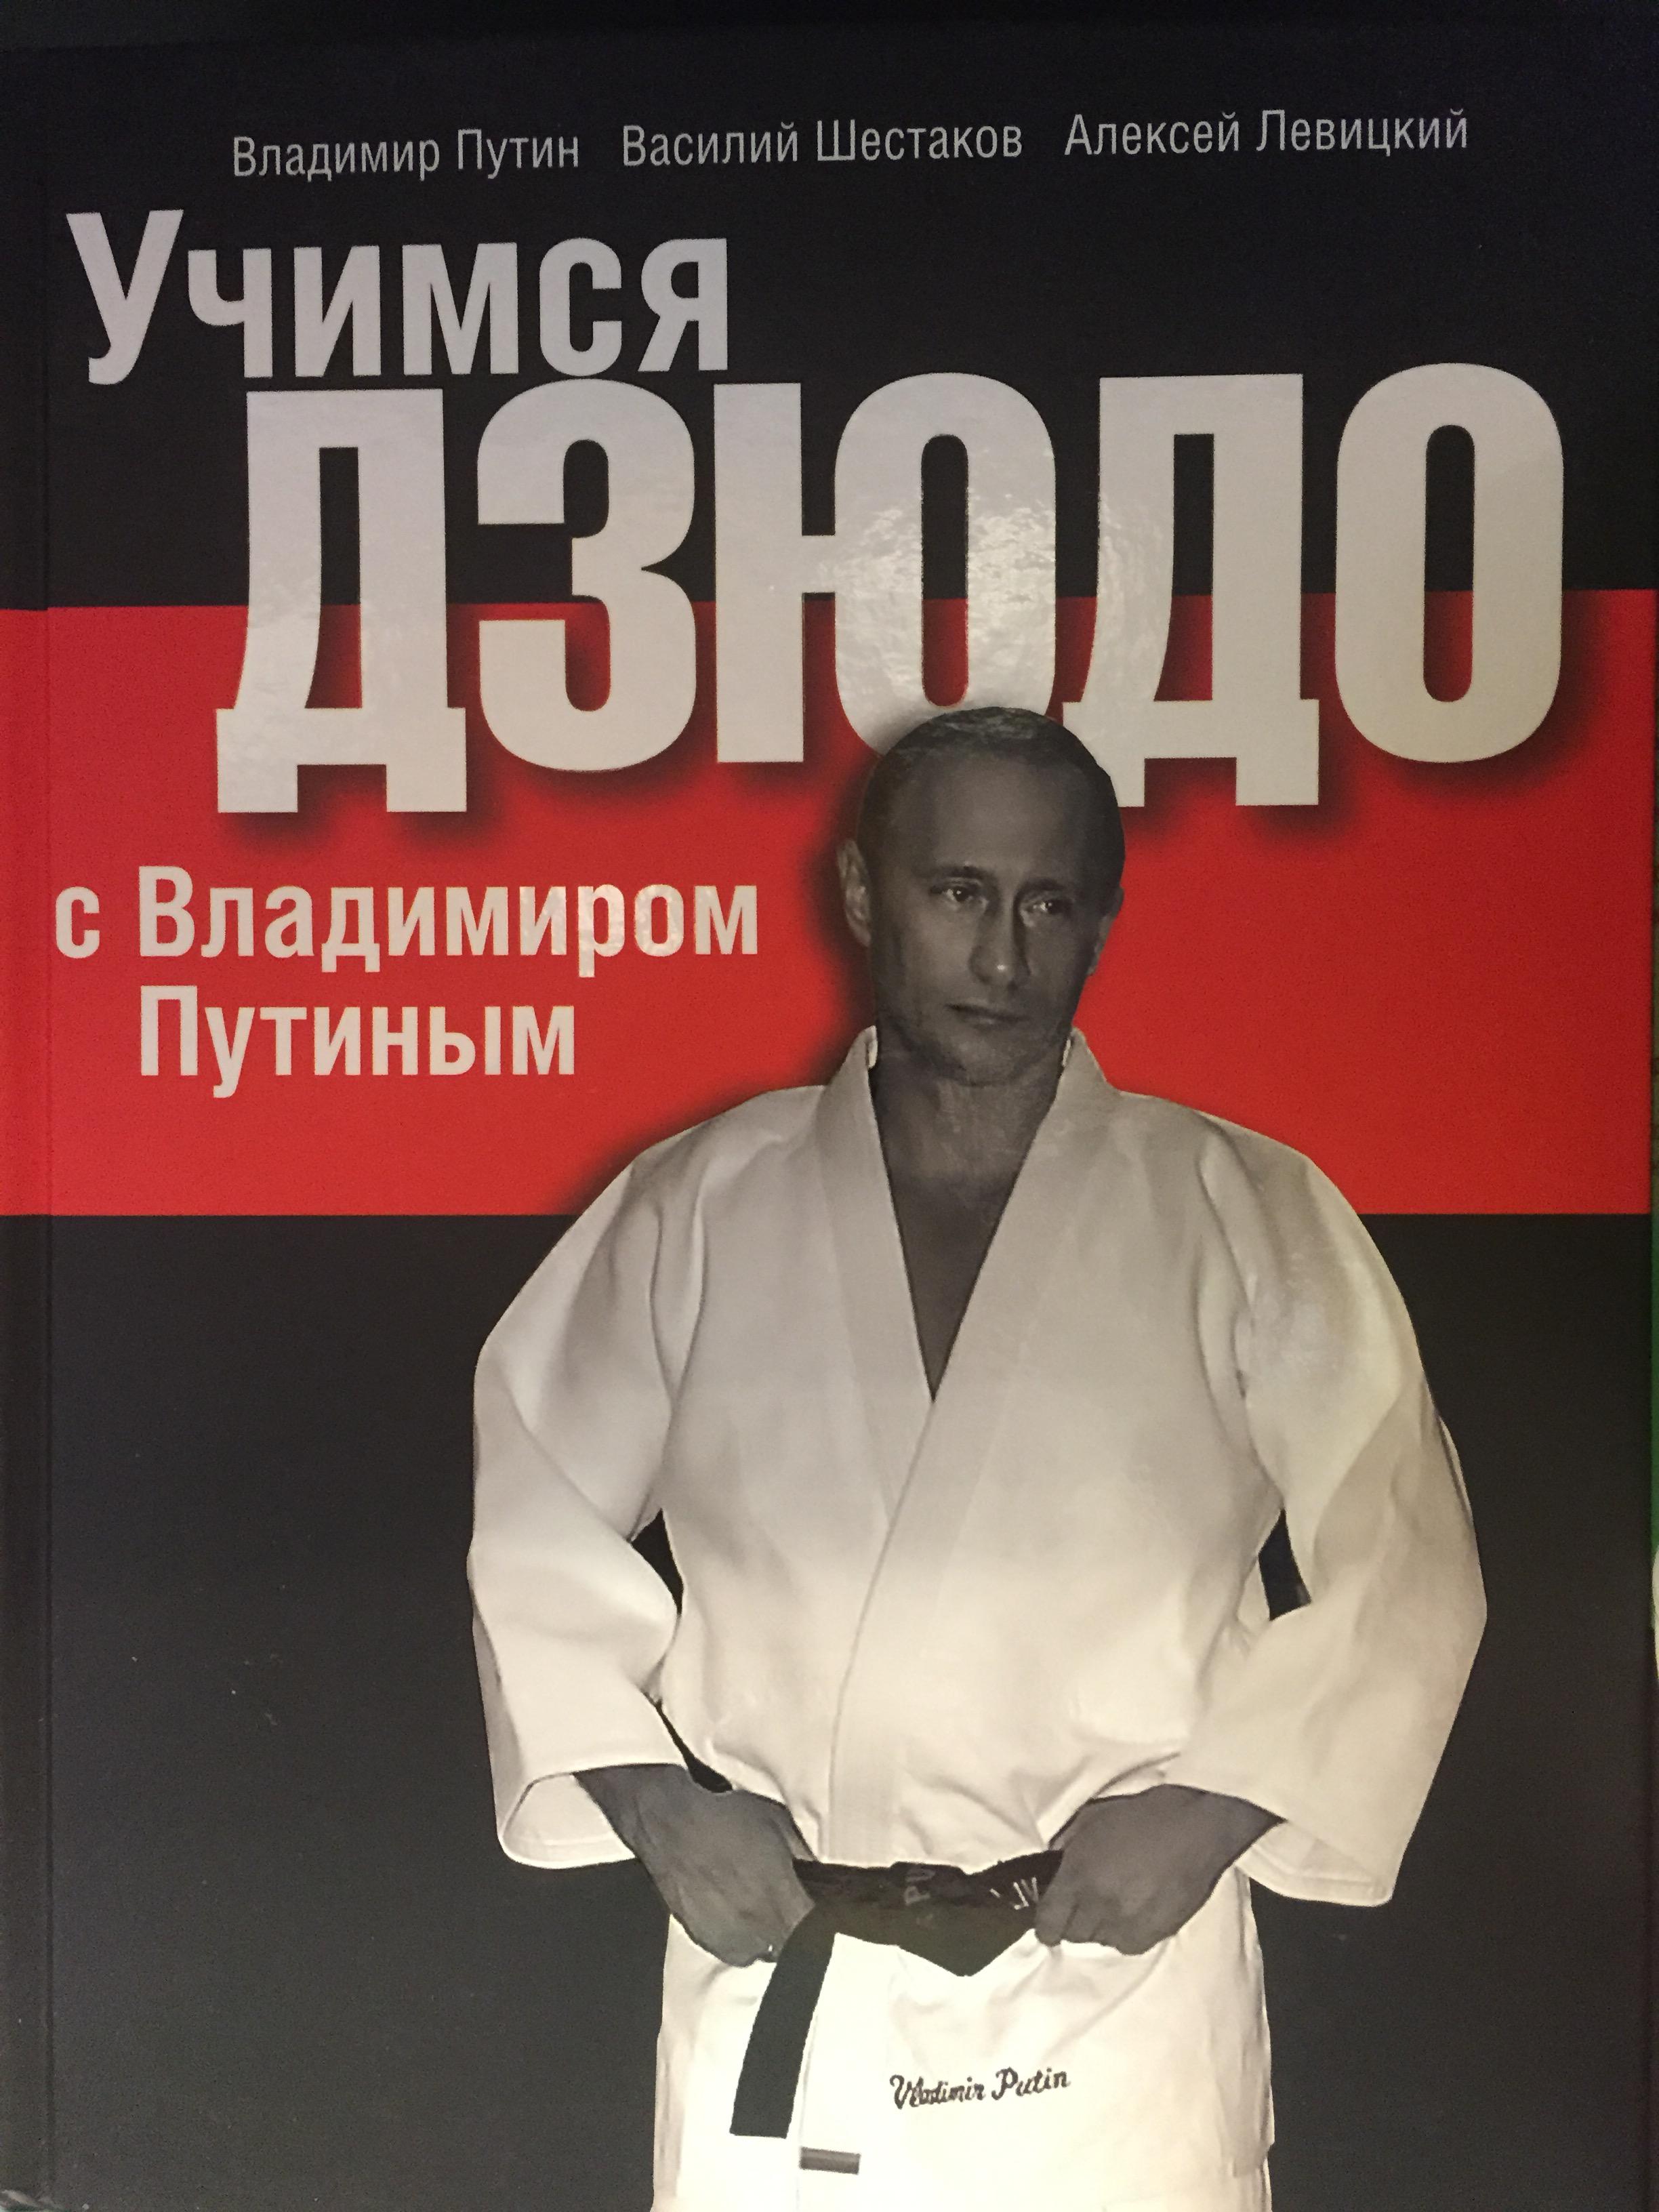 putin der woche judo